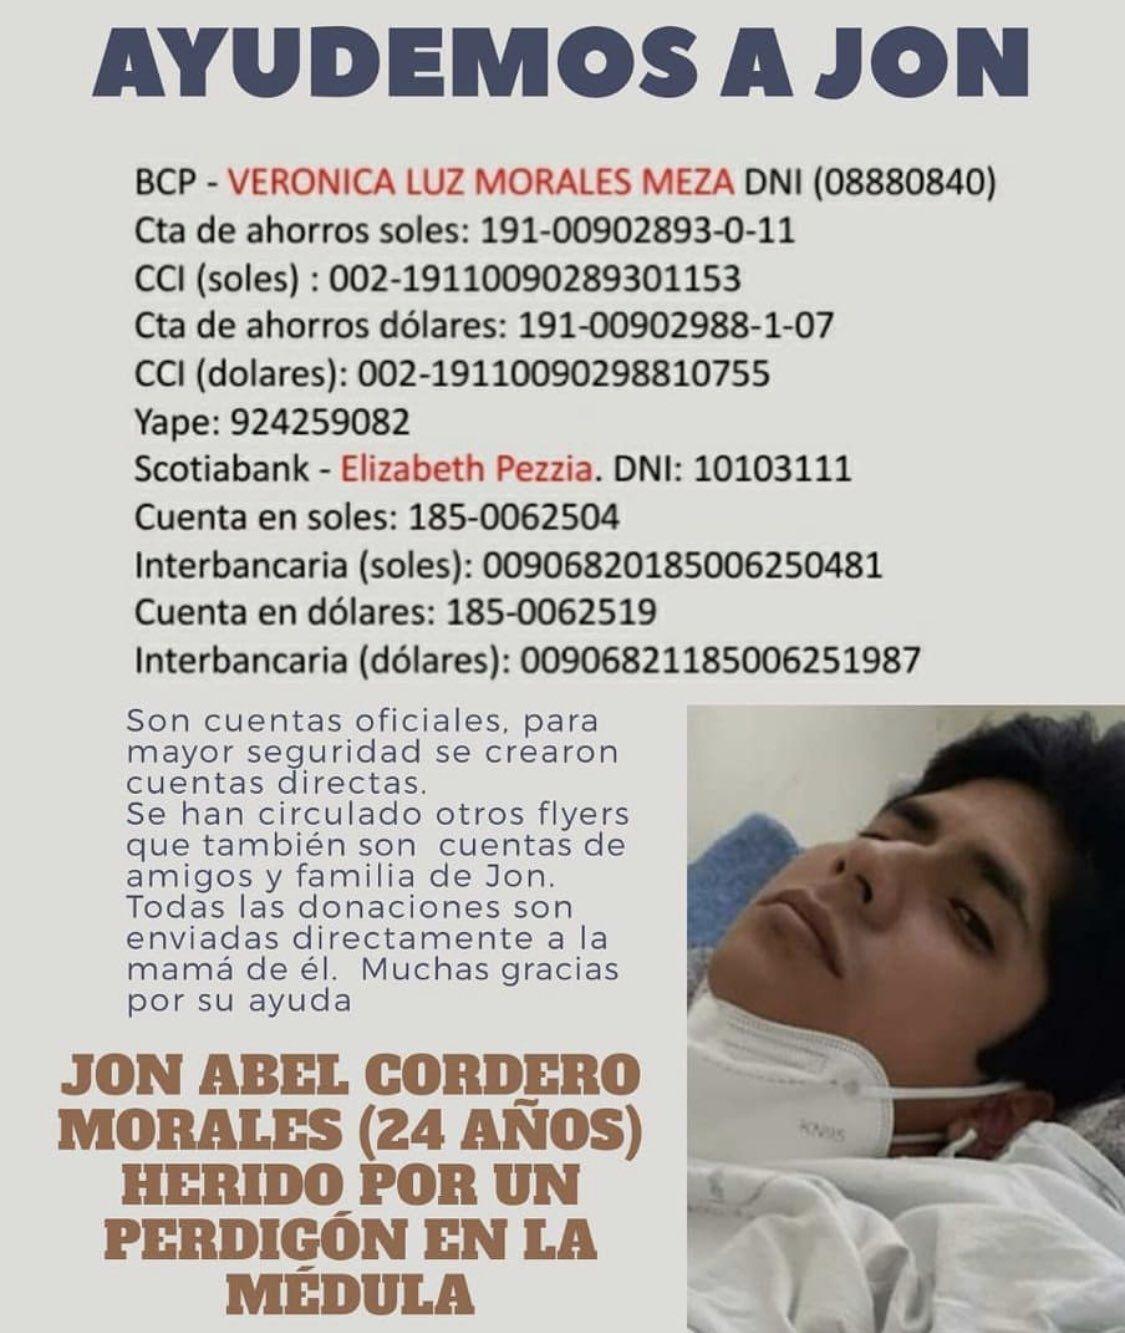 Jon Abel Cordero Morales resultó herido por el impacto de un perdigón en la médula espinal.